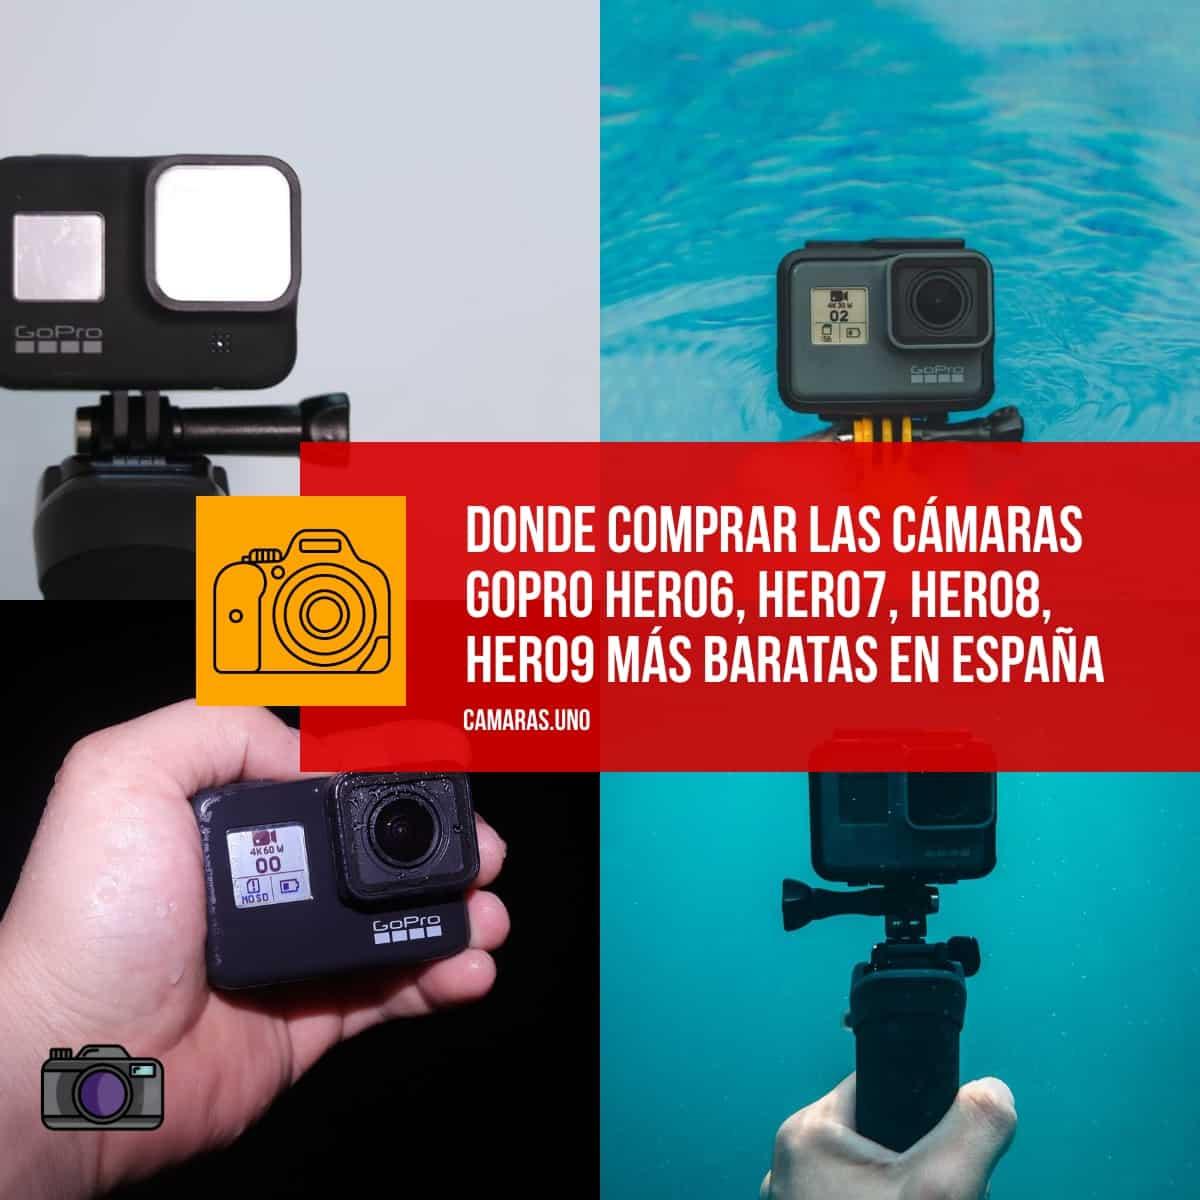 ¿Sabes dónde comprar las cámaras GoPro HERO6, HERO7, HERO8, HERO9 más baratas en España?